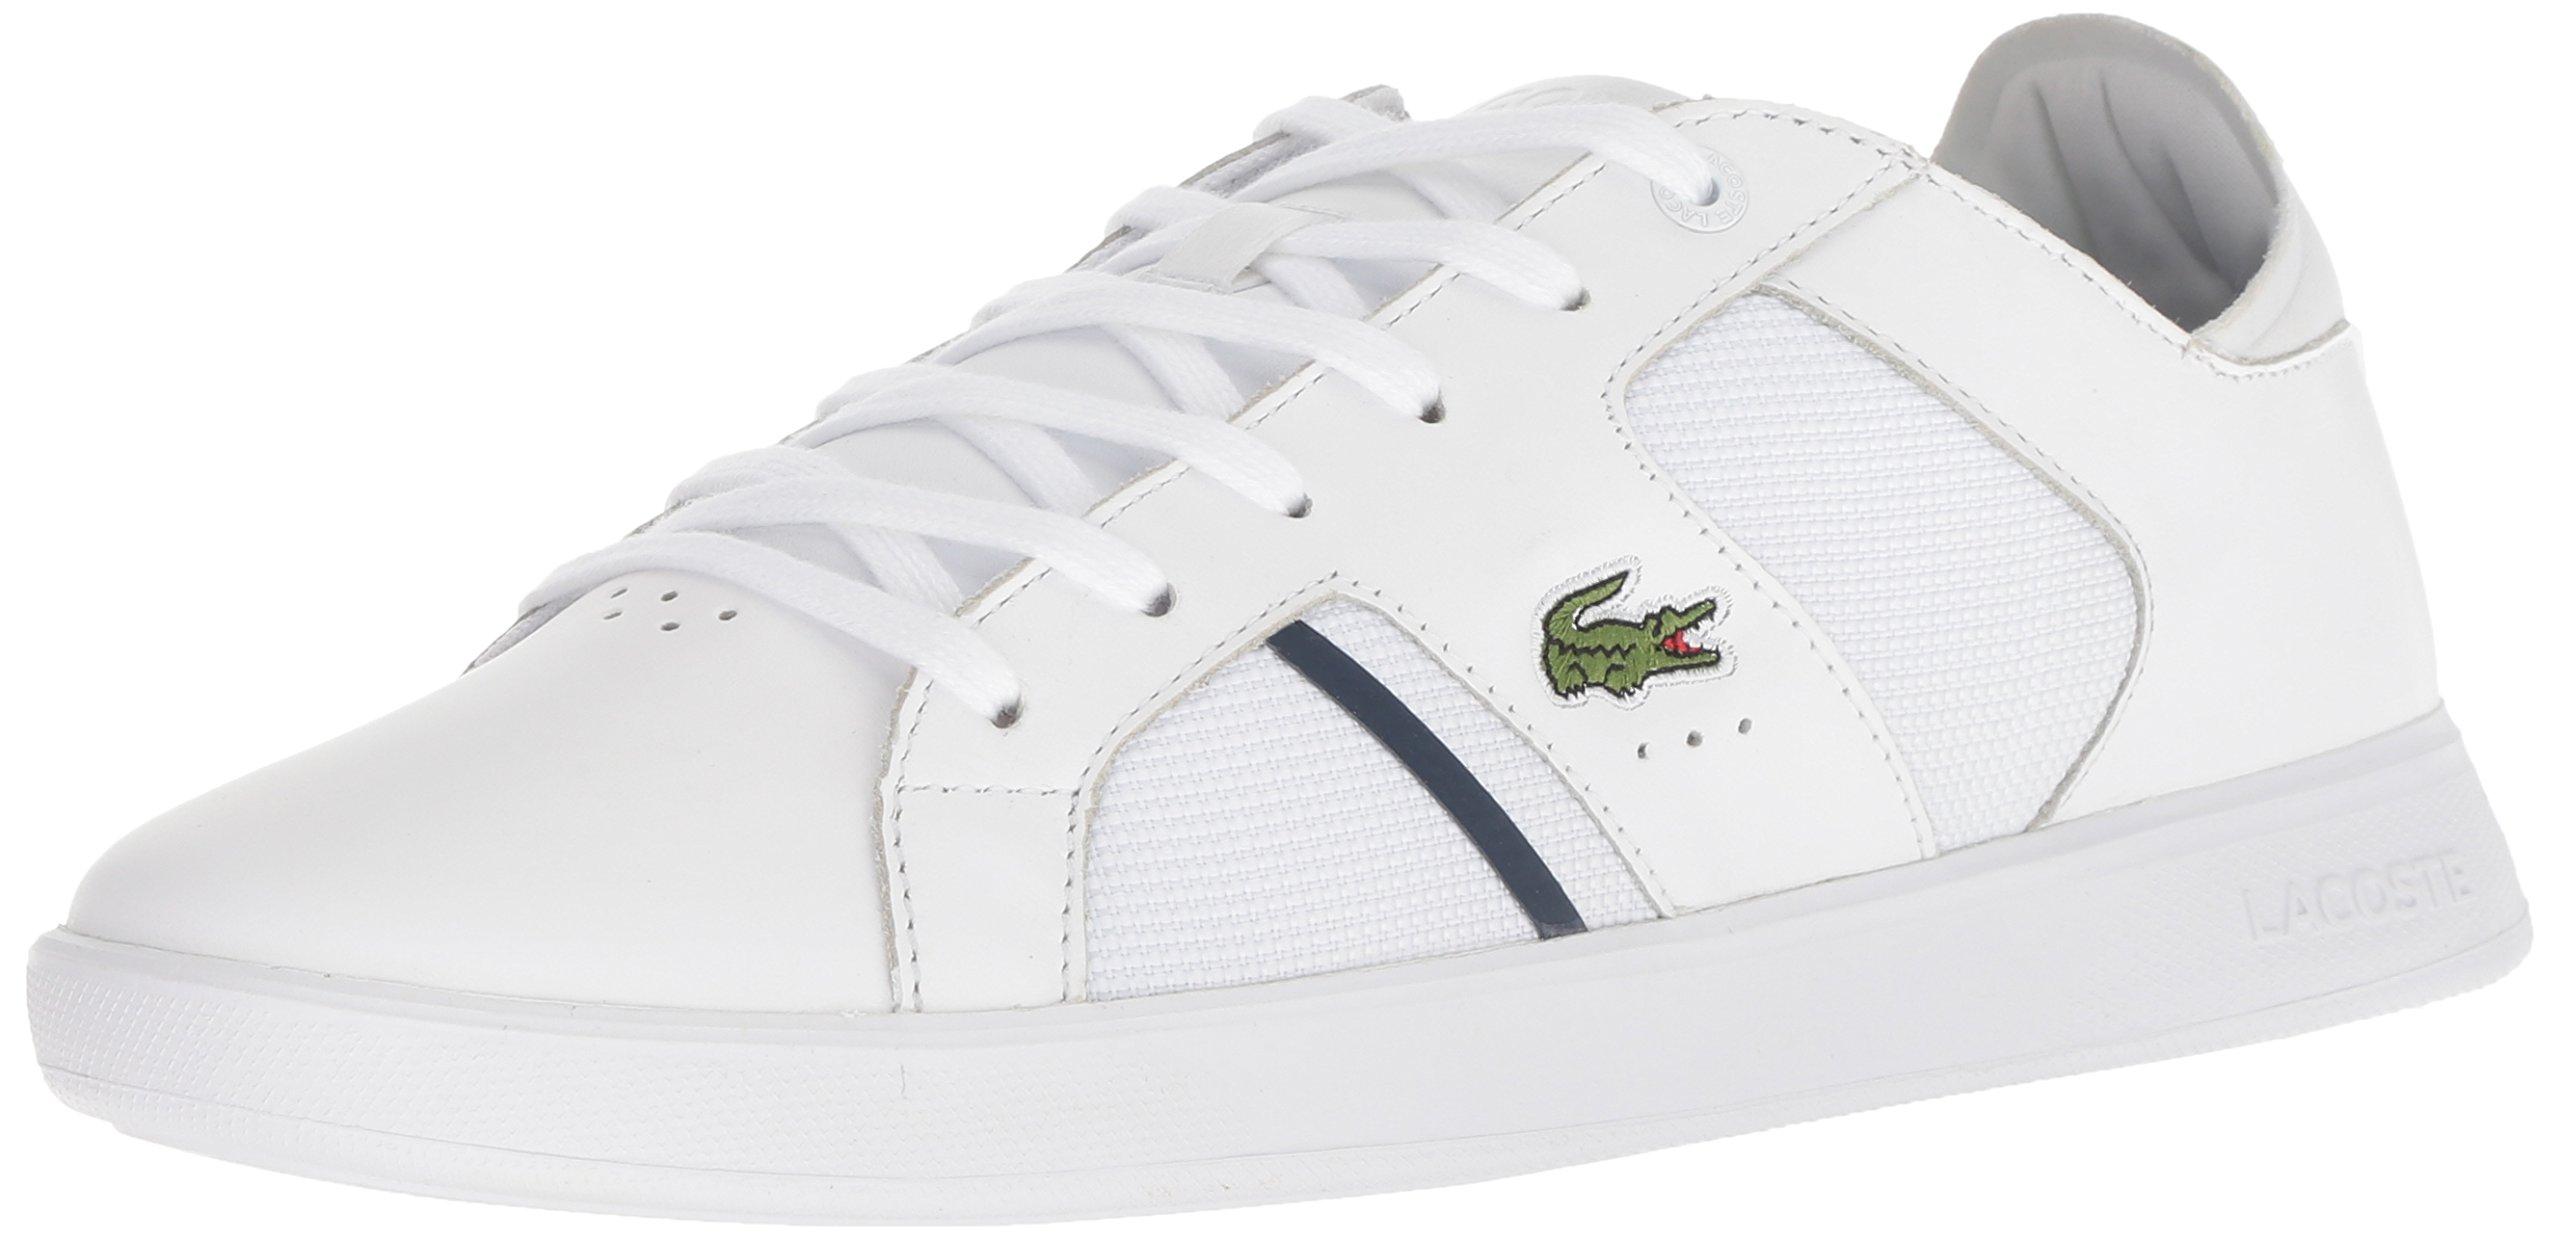 b10a89aa4 Galleon - Lacoste Men s Novas Sneaker